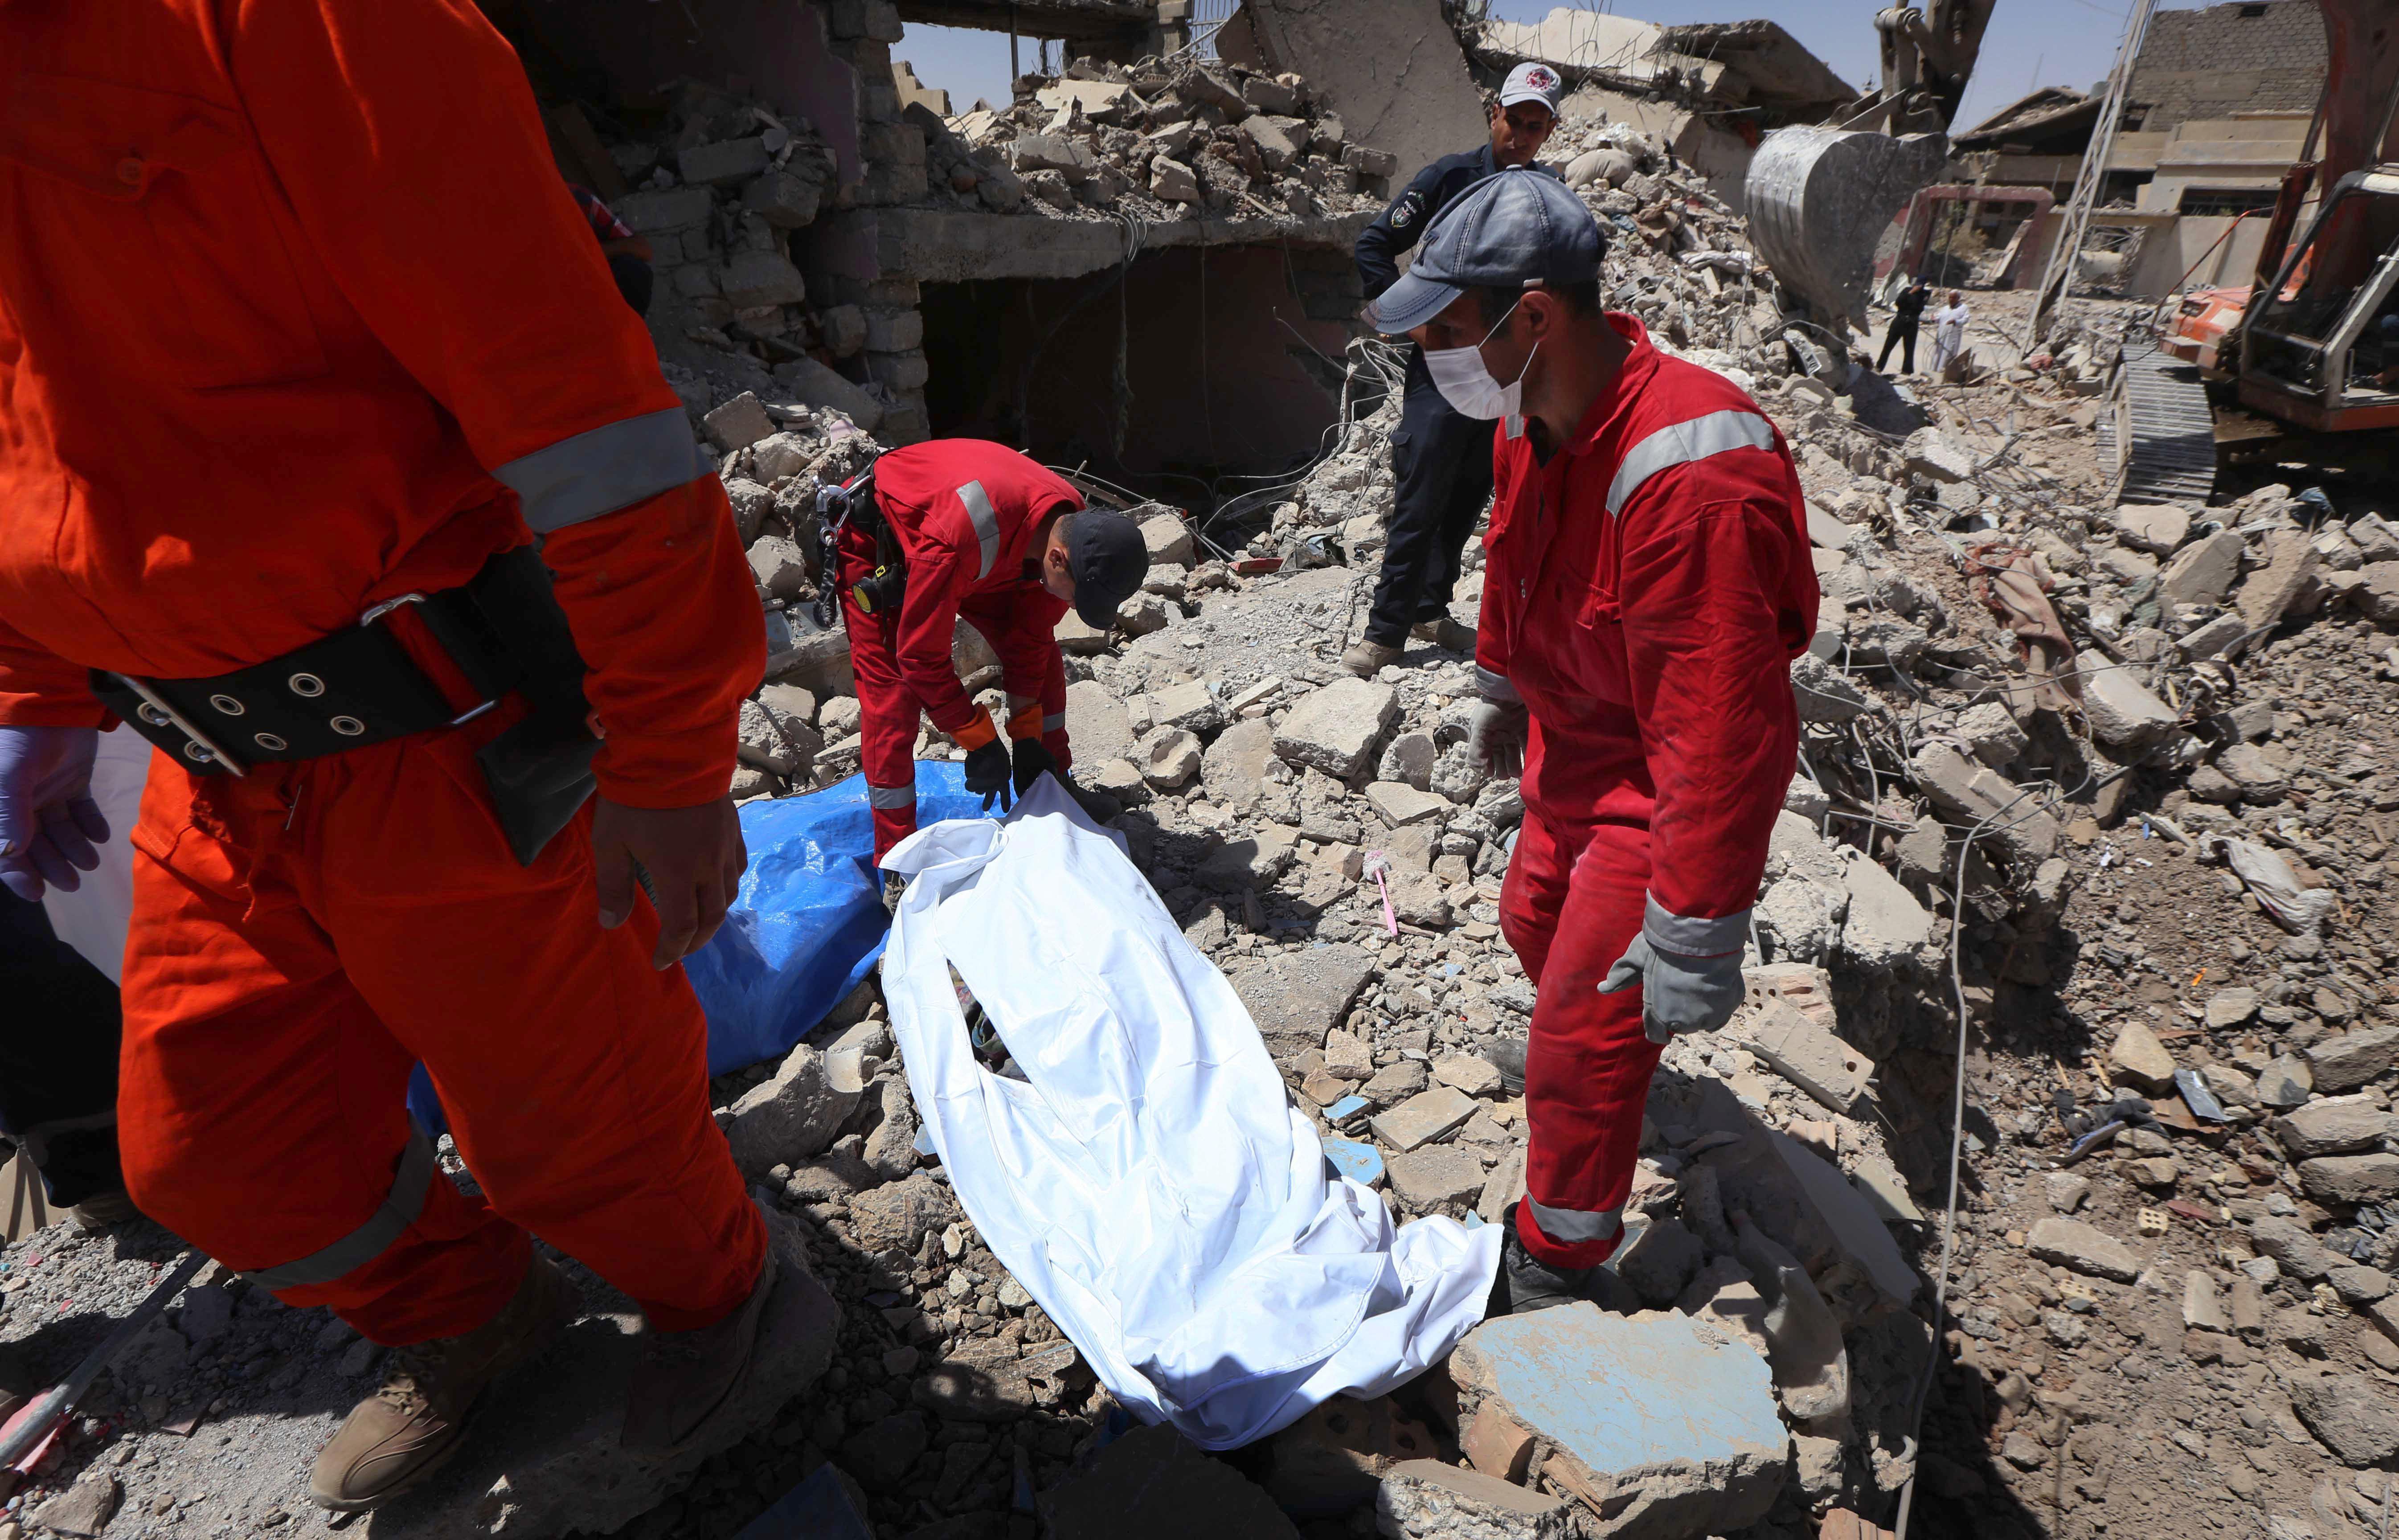 عناصر في الدفاع المدني بعد استخراج جثة كانت تحت الأنقاض في الموصل